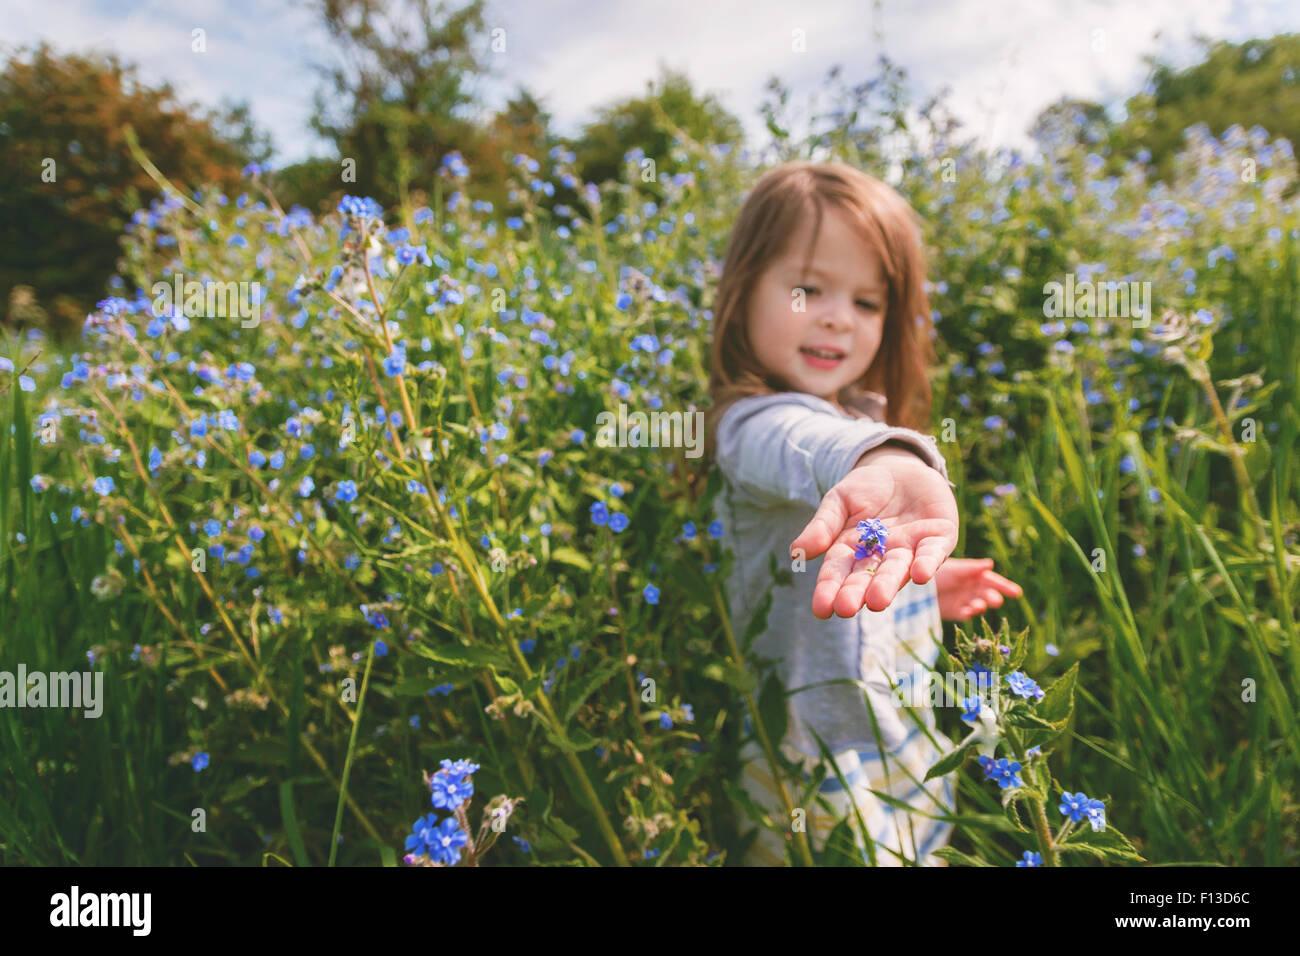 Mädchen hält eine Blume in der Handfläche von ihrer hand Stockbild